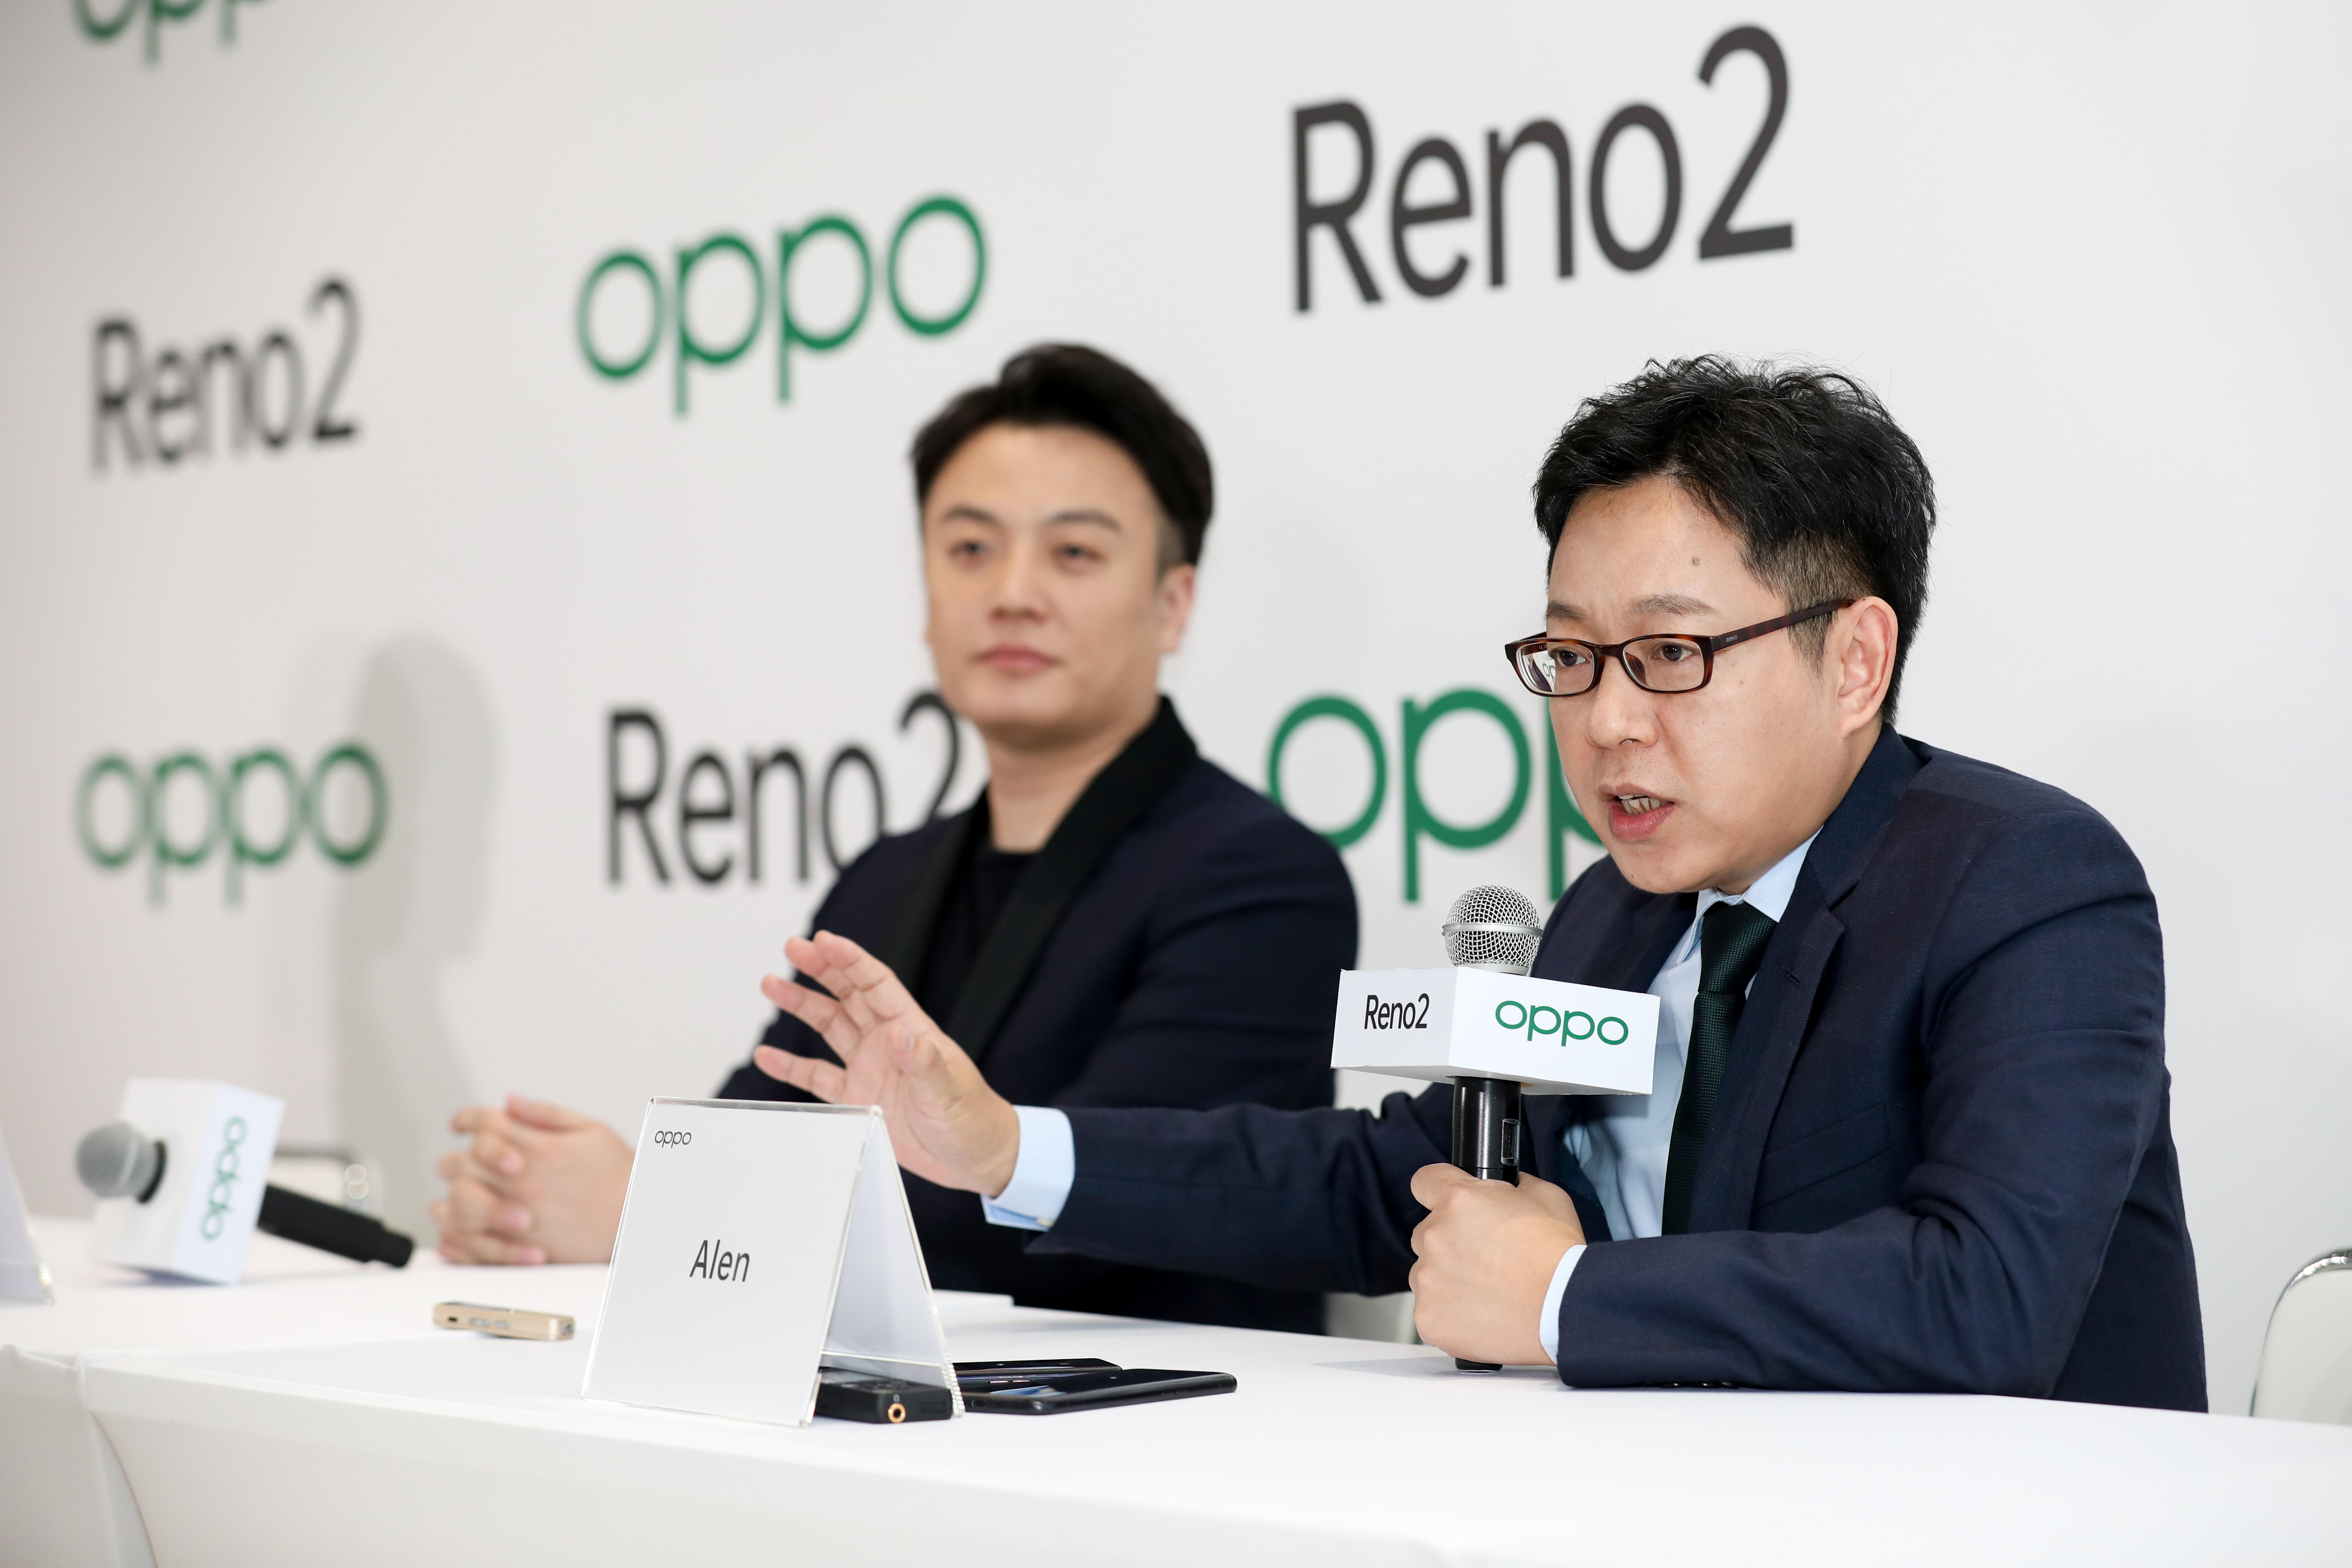 沈义人、吴强:不发5G手机非能力问题,OPPO已启动6G研究